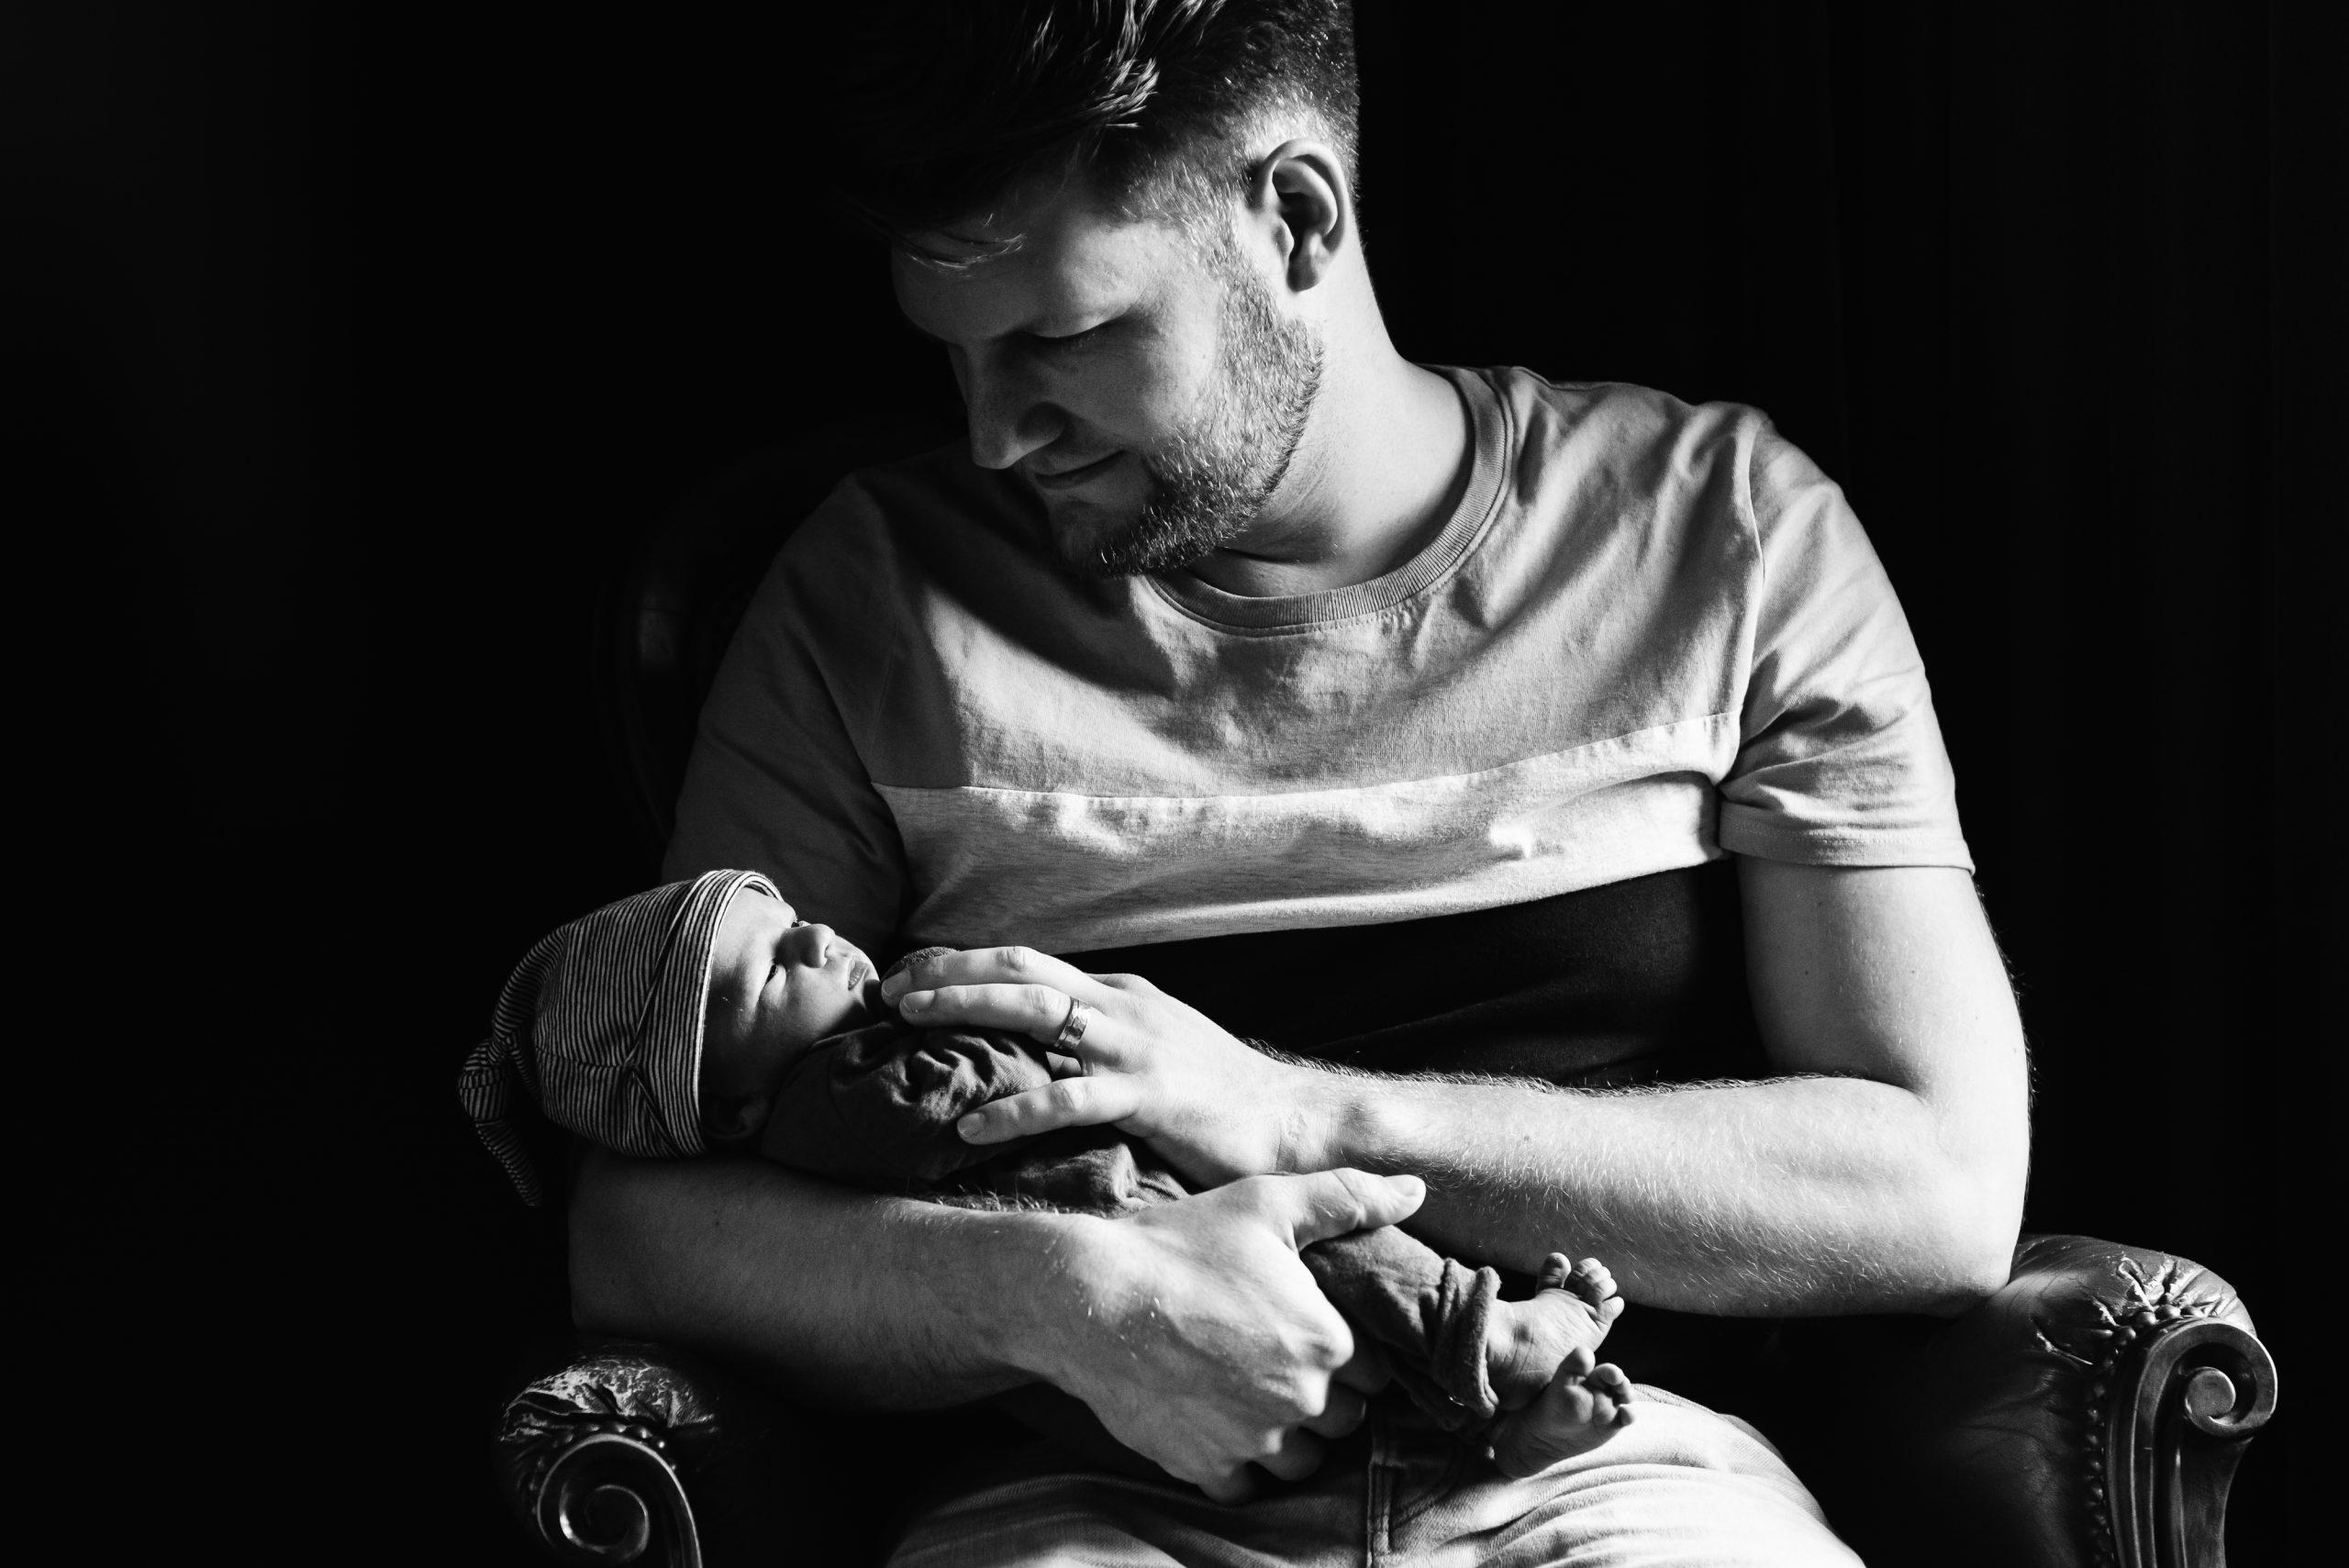 newborn fotografie, familliefotograaf Assen, gezinsfotograaf Assen, fotograaf Assen, lekker uitrusten bij papa, ongeposseerd, vastleggen zoals het leven is, zwart/wit fotografie